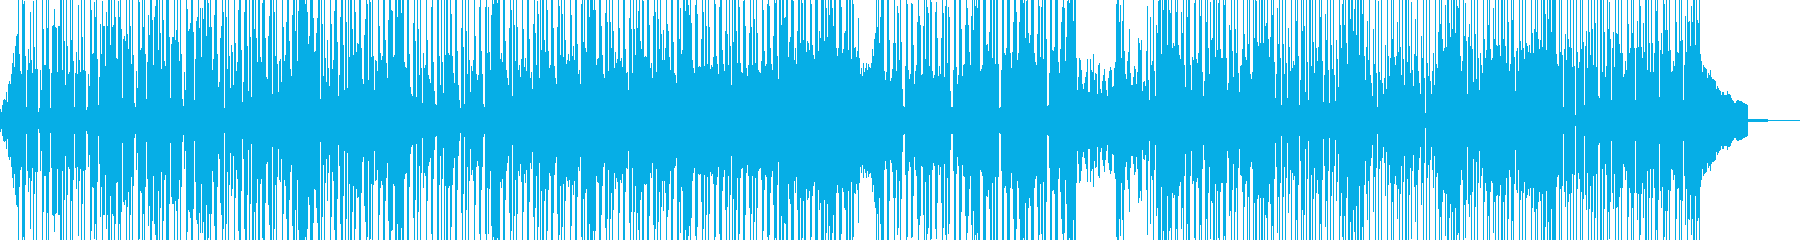 夏バテ(×ω×)無気力ポップ 表拍子Aの再生済みの波形